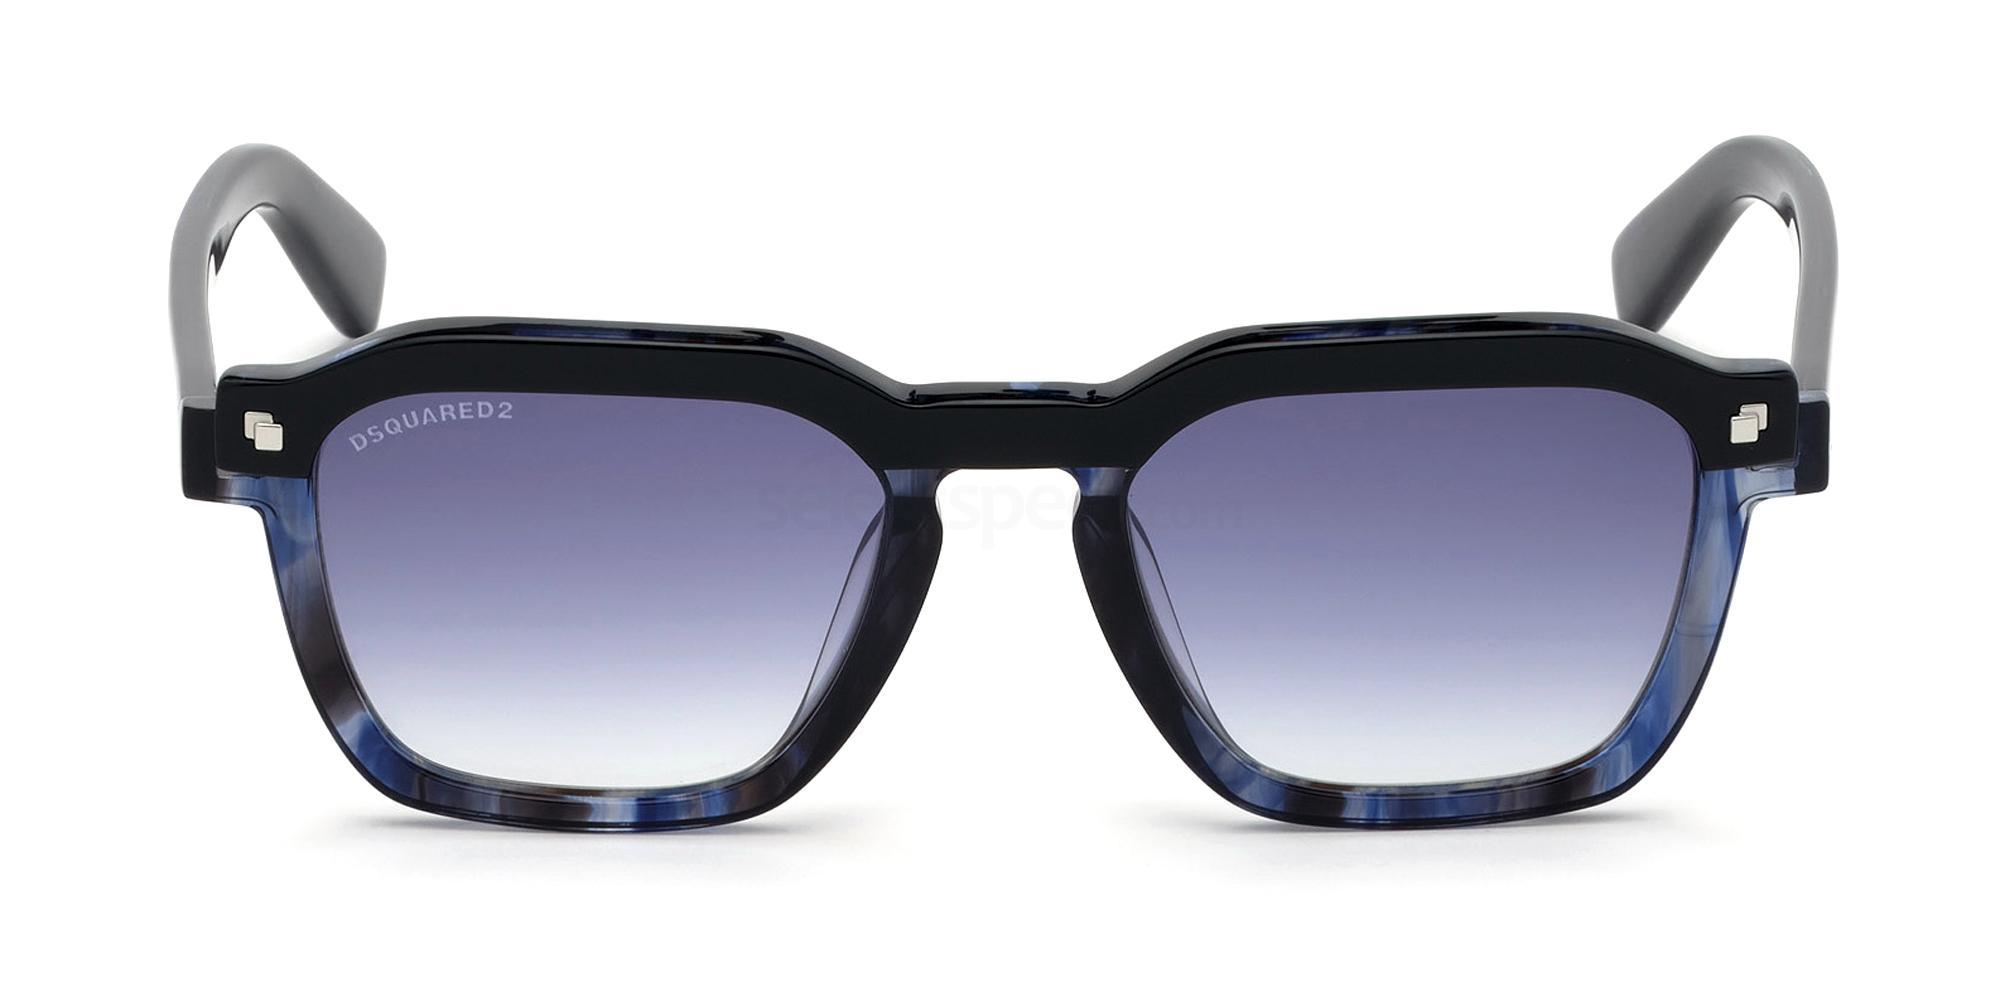 92W DQ0303 CLAY Sunglasses, DSQUARED2